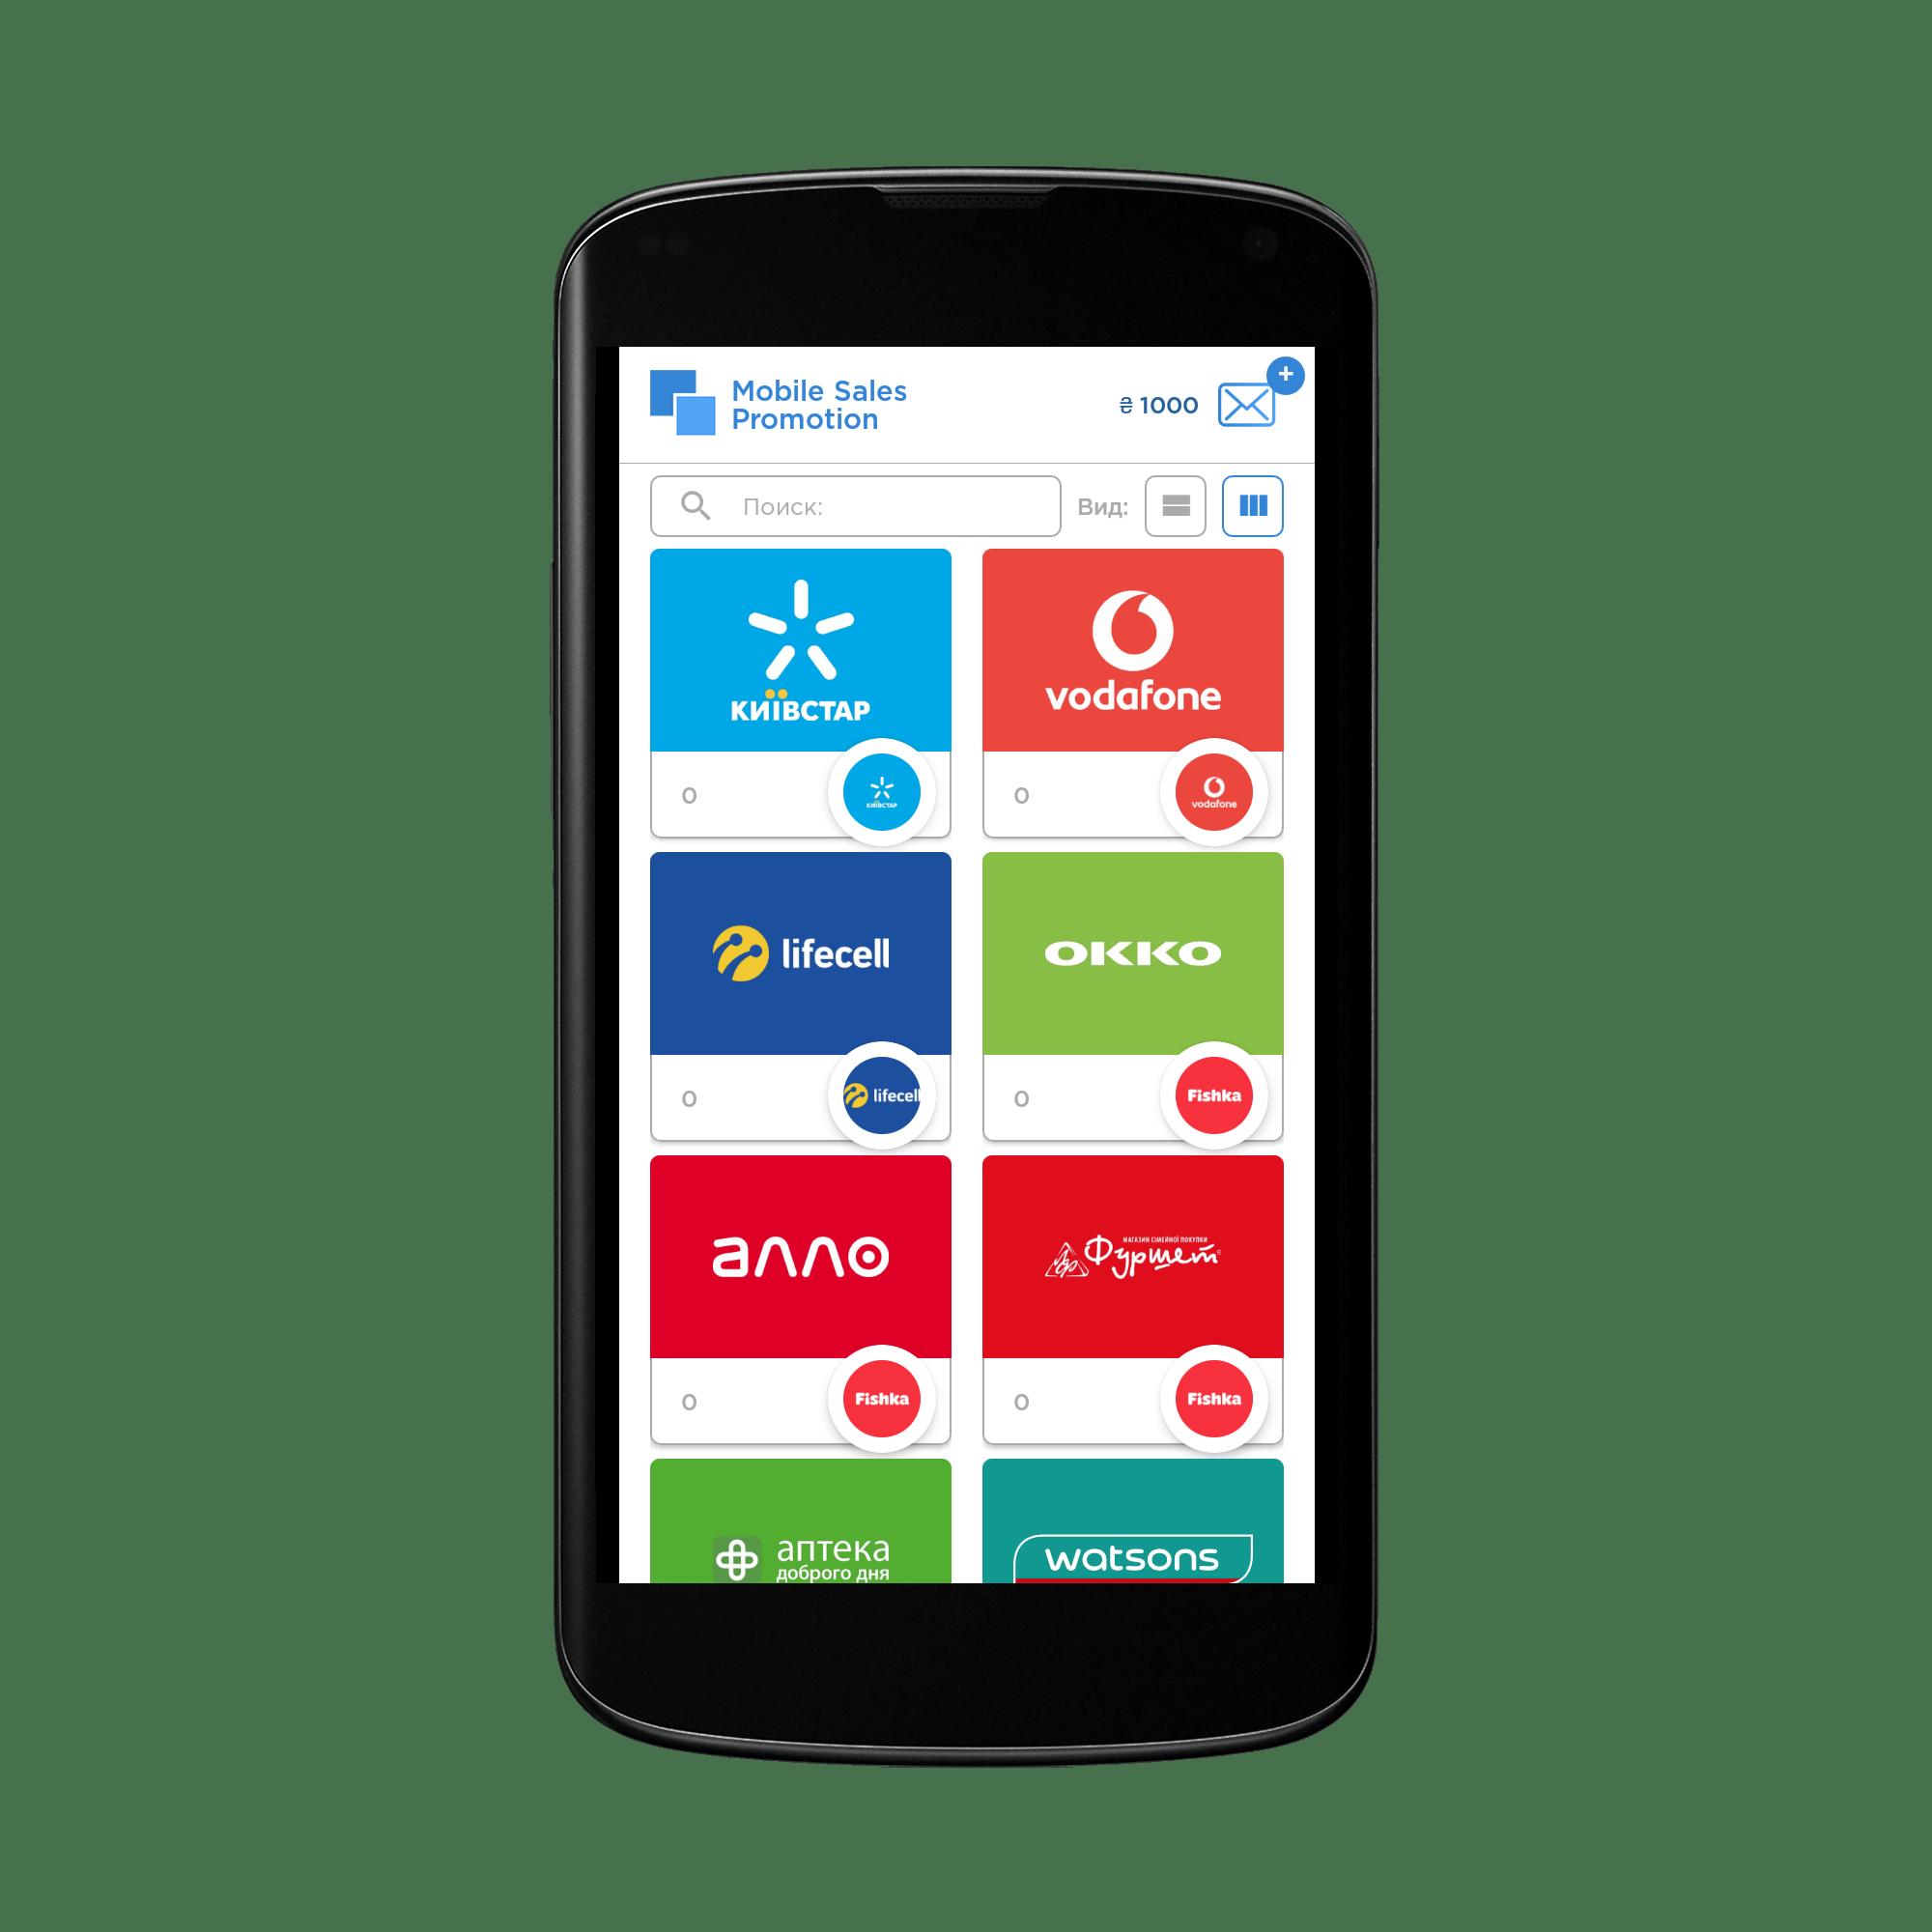 Фото Корпоративное приложение Bonus System, использующее высокую степень шифрования. Позволяющее клиентам получать и выполнять задания с использованием камеры и NFC-технологии, за вознаграждение с последующей возможностью обменять эти баллы у партнеров (популярных сетей магазинов и мобильных операторов) на вознаграждение, используя генератор QR-кода, или на онлайн пополнение мобильного.  Технологии используемые в разработке: Java, Play-Services, RX Android, Green Dao, Rx Binding2, Spongy Castle, Retrofit2, Zxing, Picasso, Glide, Eventbus